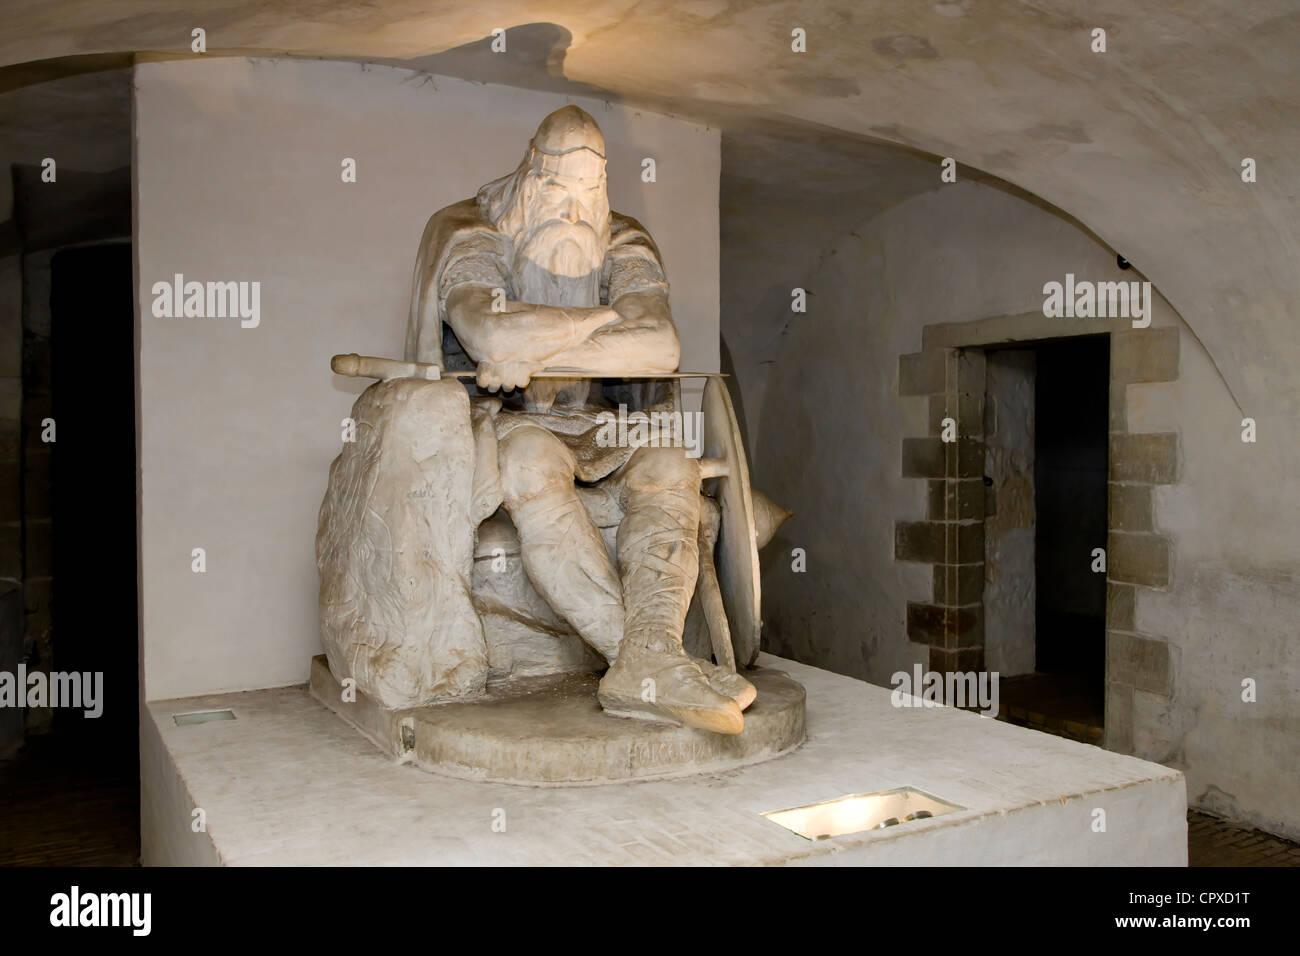 Statue of Ogier the Dane at Kronborg castle, Denmark (Holger Danske) - Stock Image